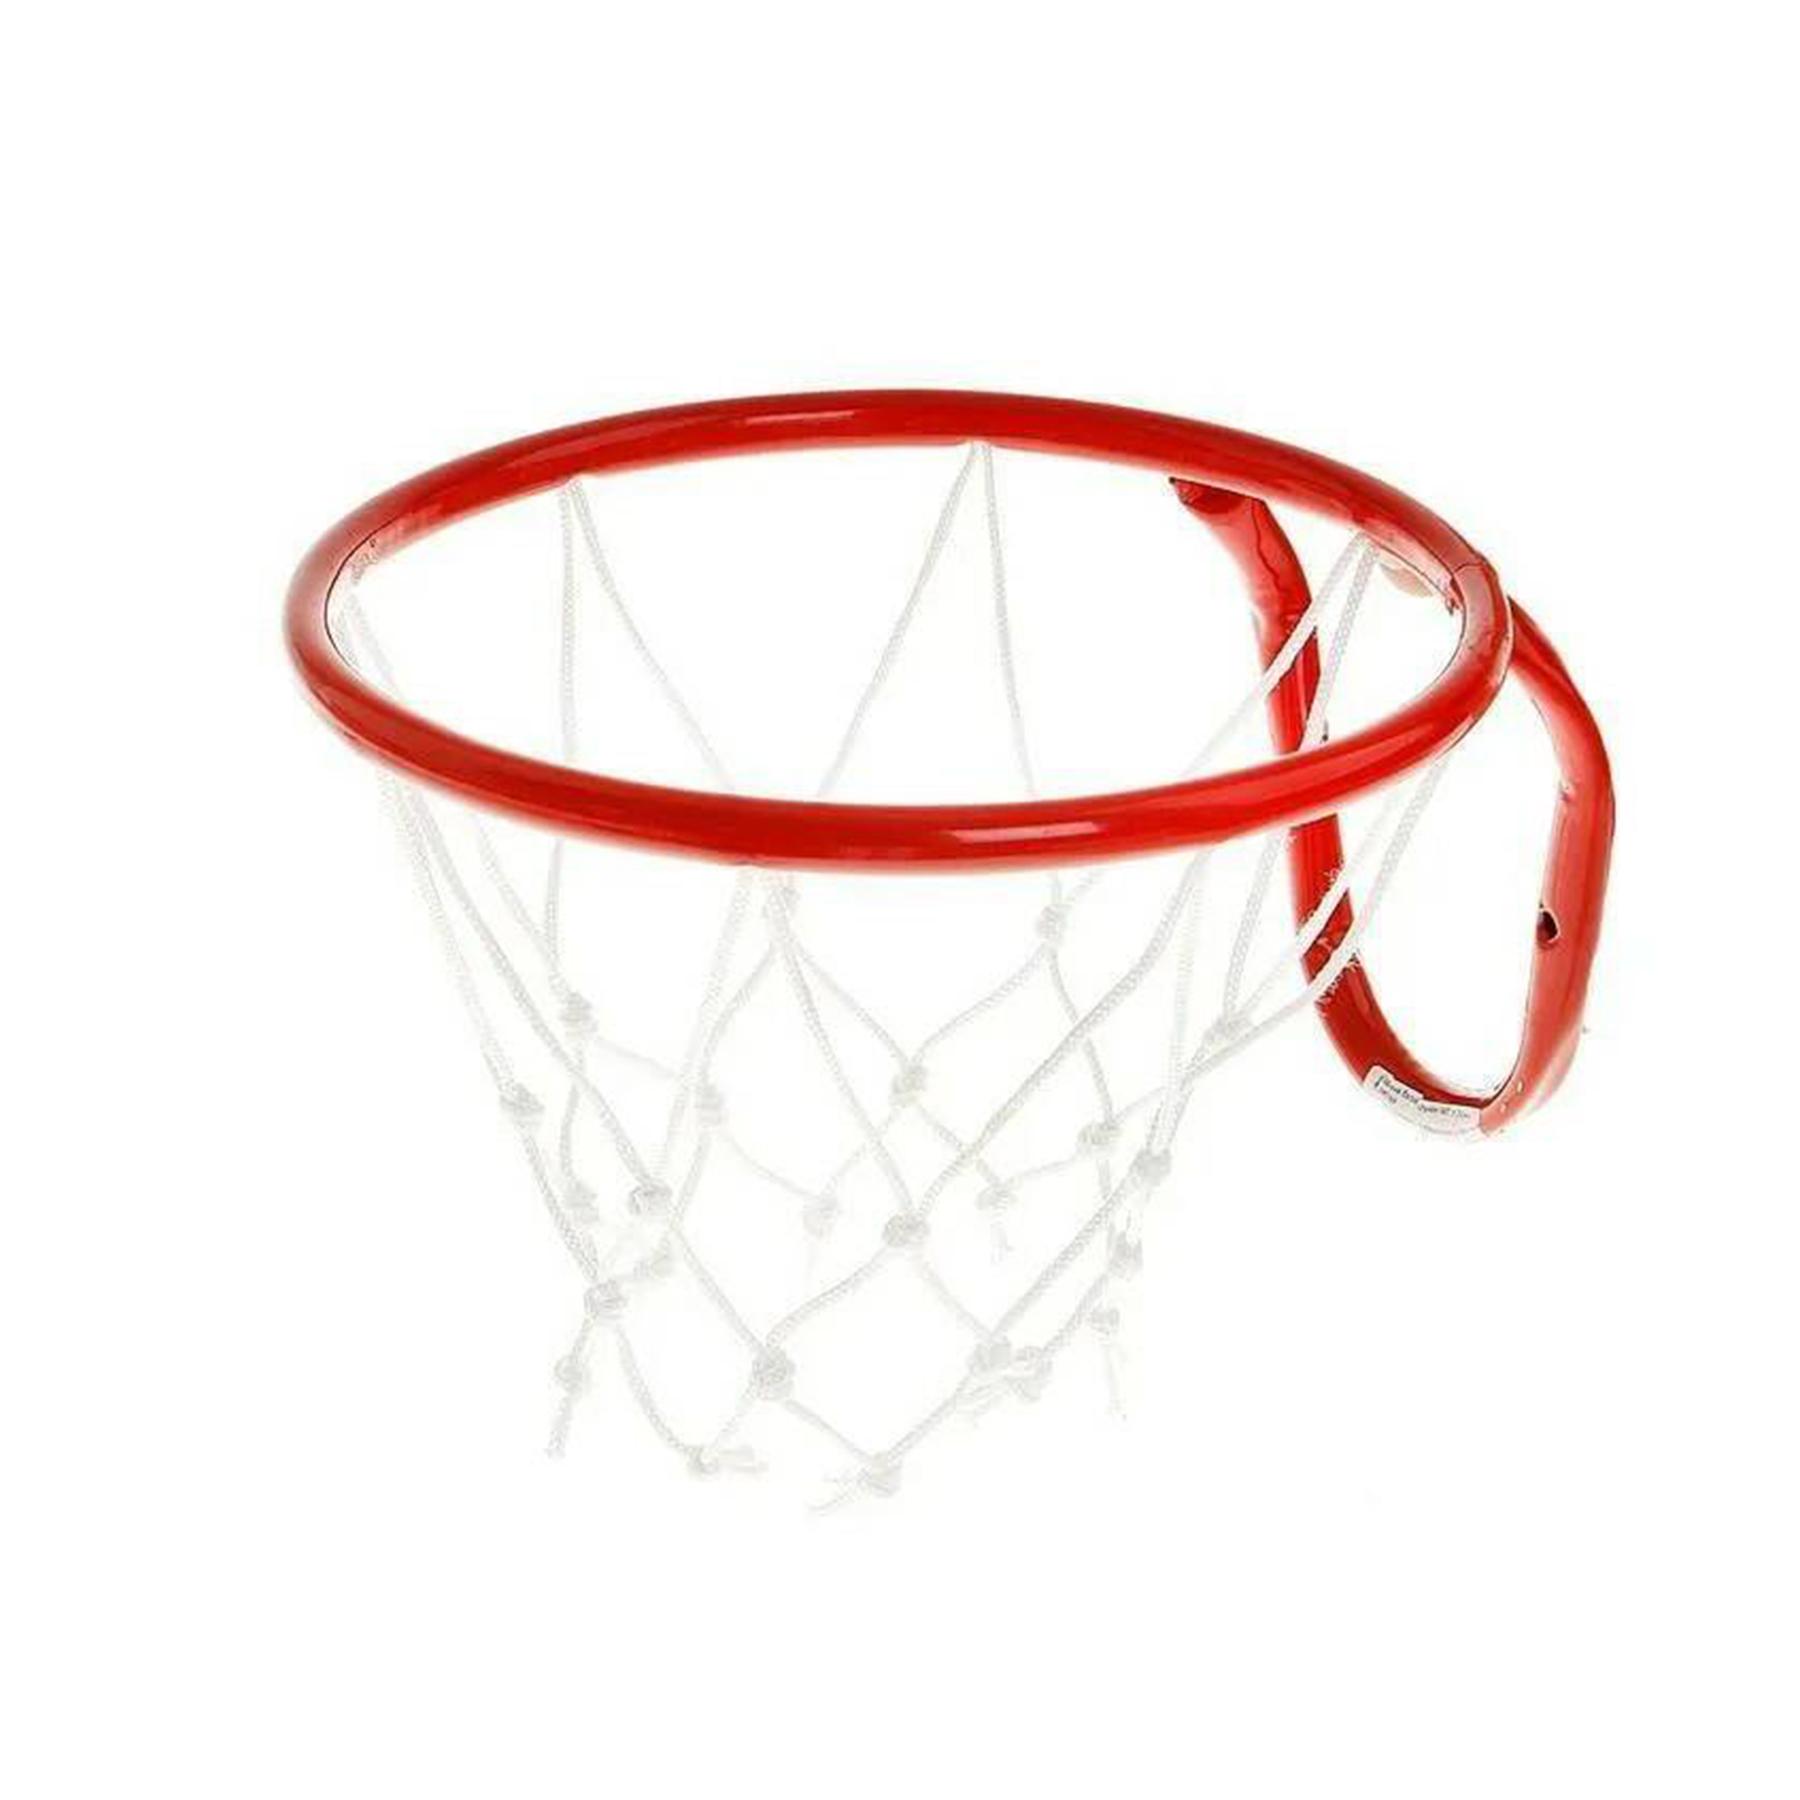 Кольцо баскетбольное d=295 mm детское с сеткой №3 т